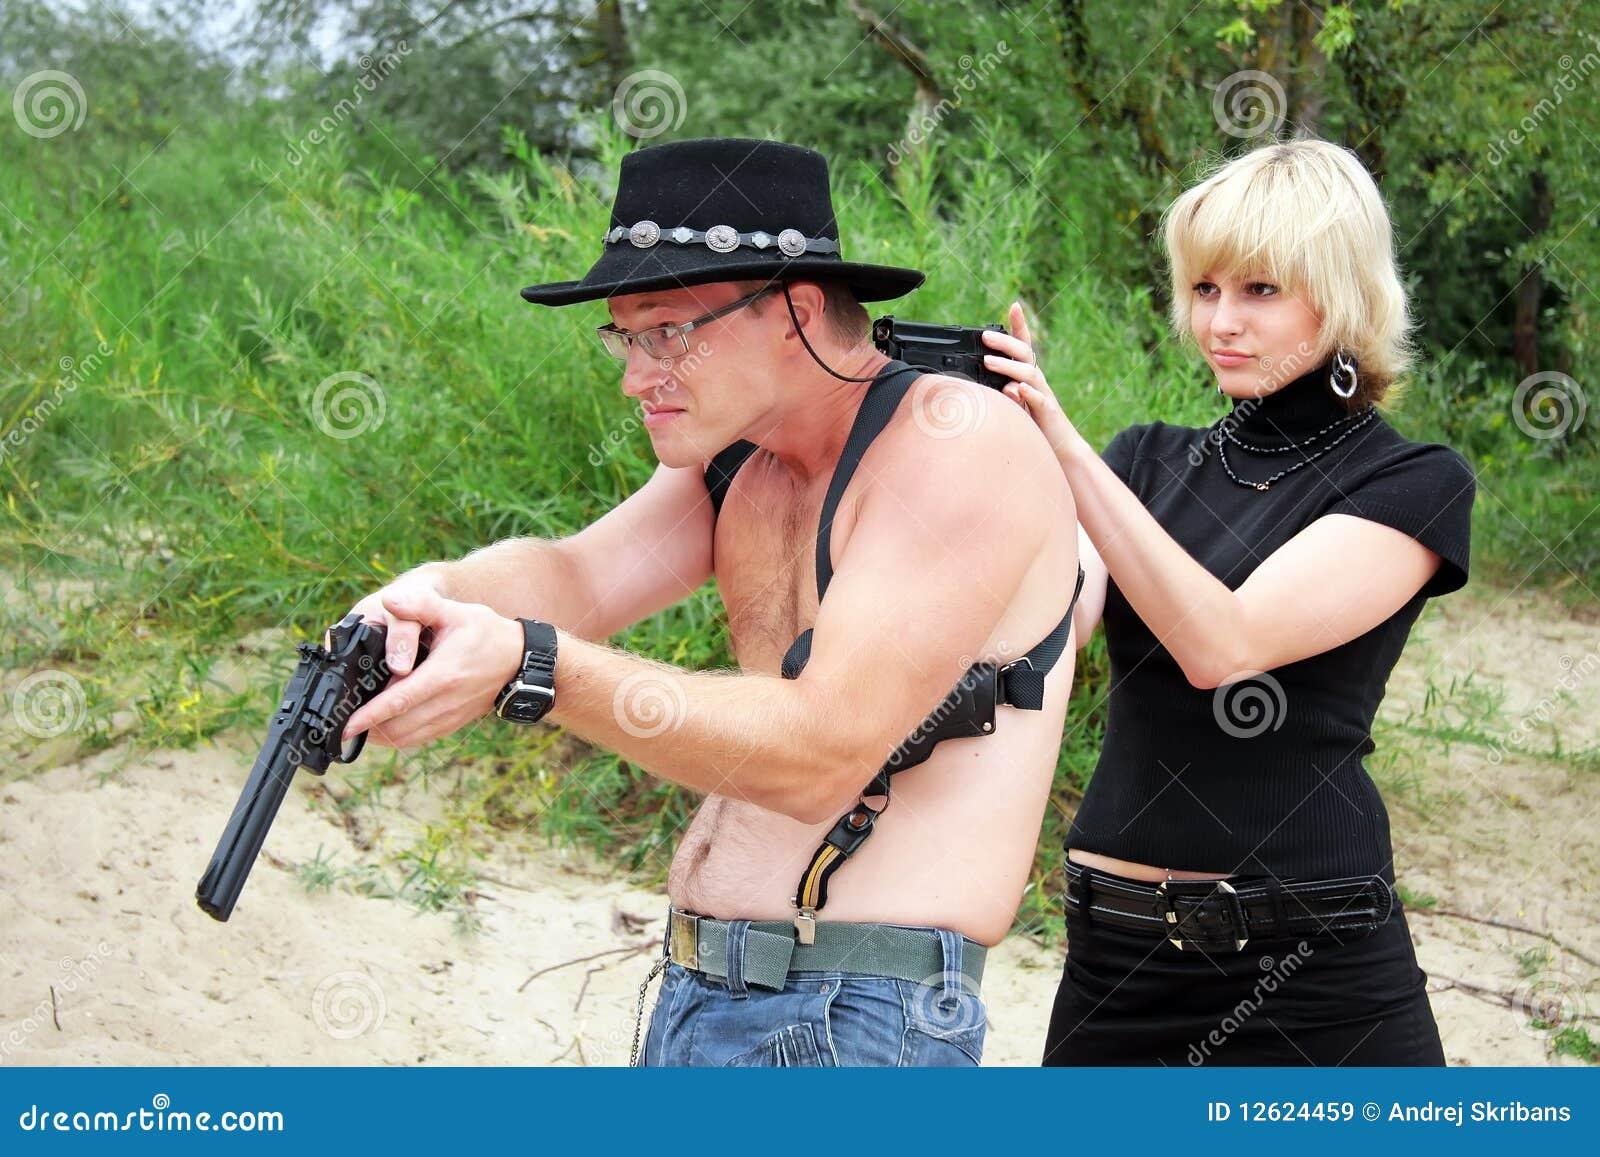 woman pointing gun at shirtless man royalty free stock